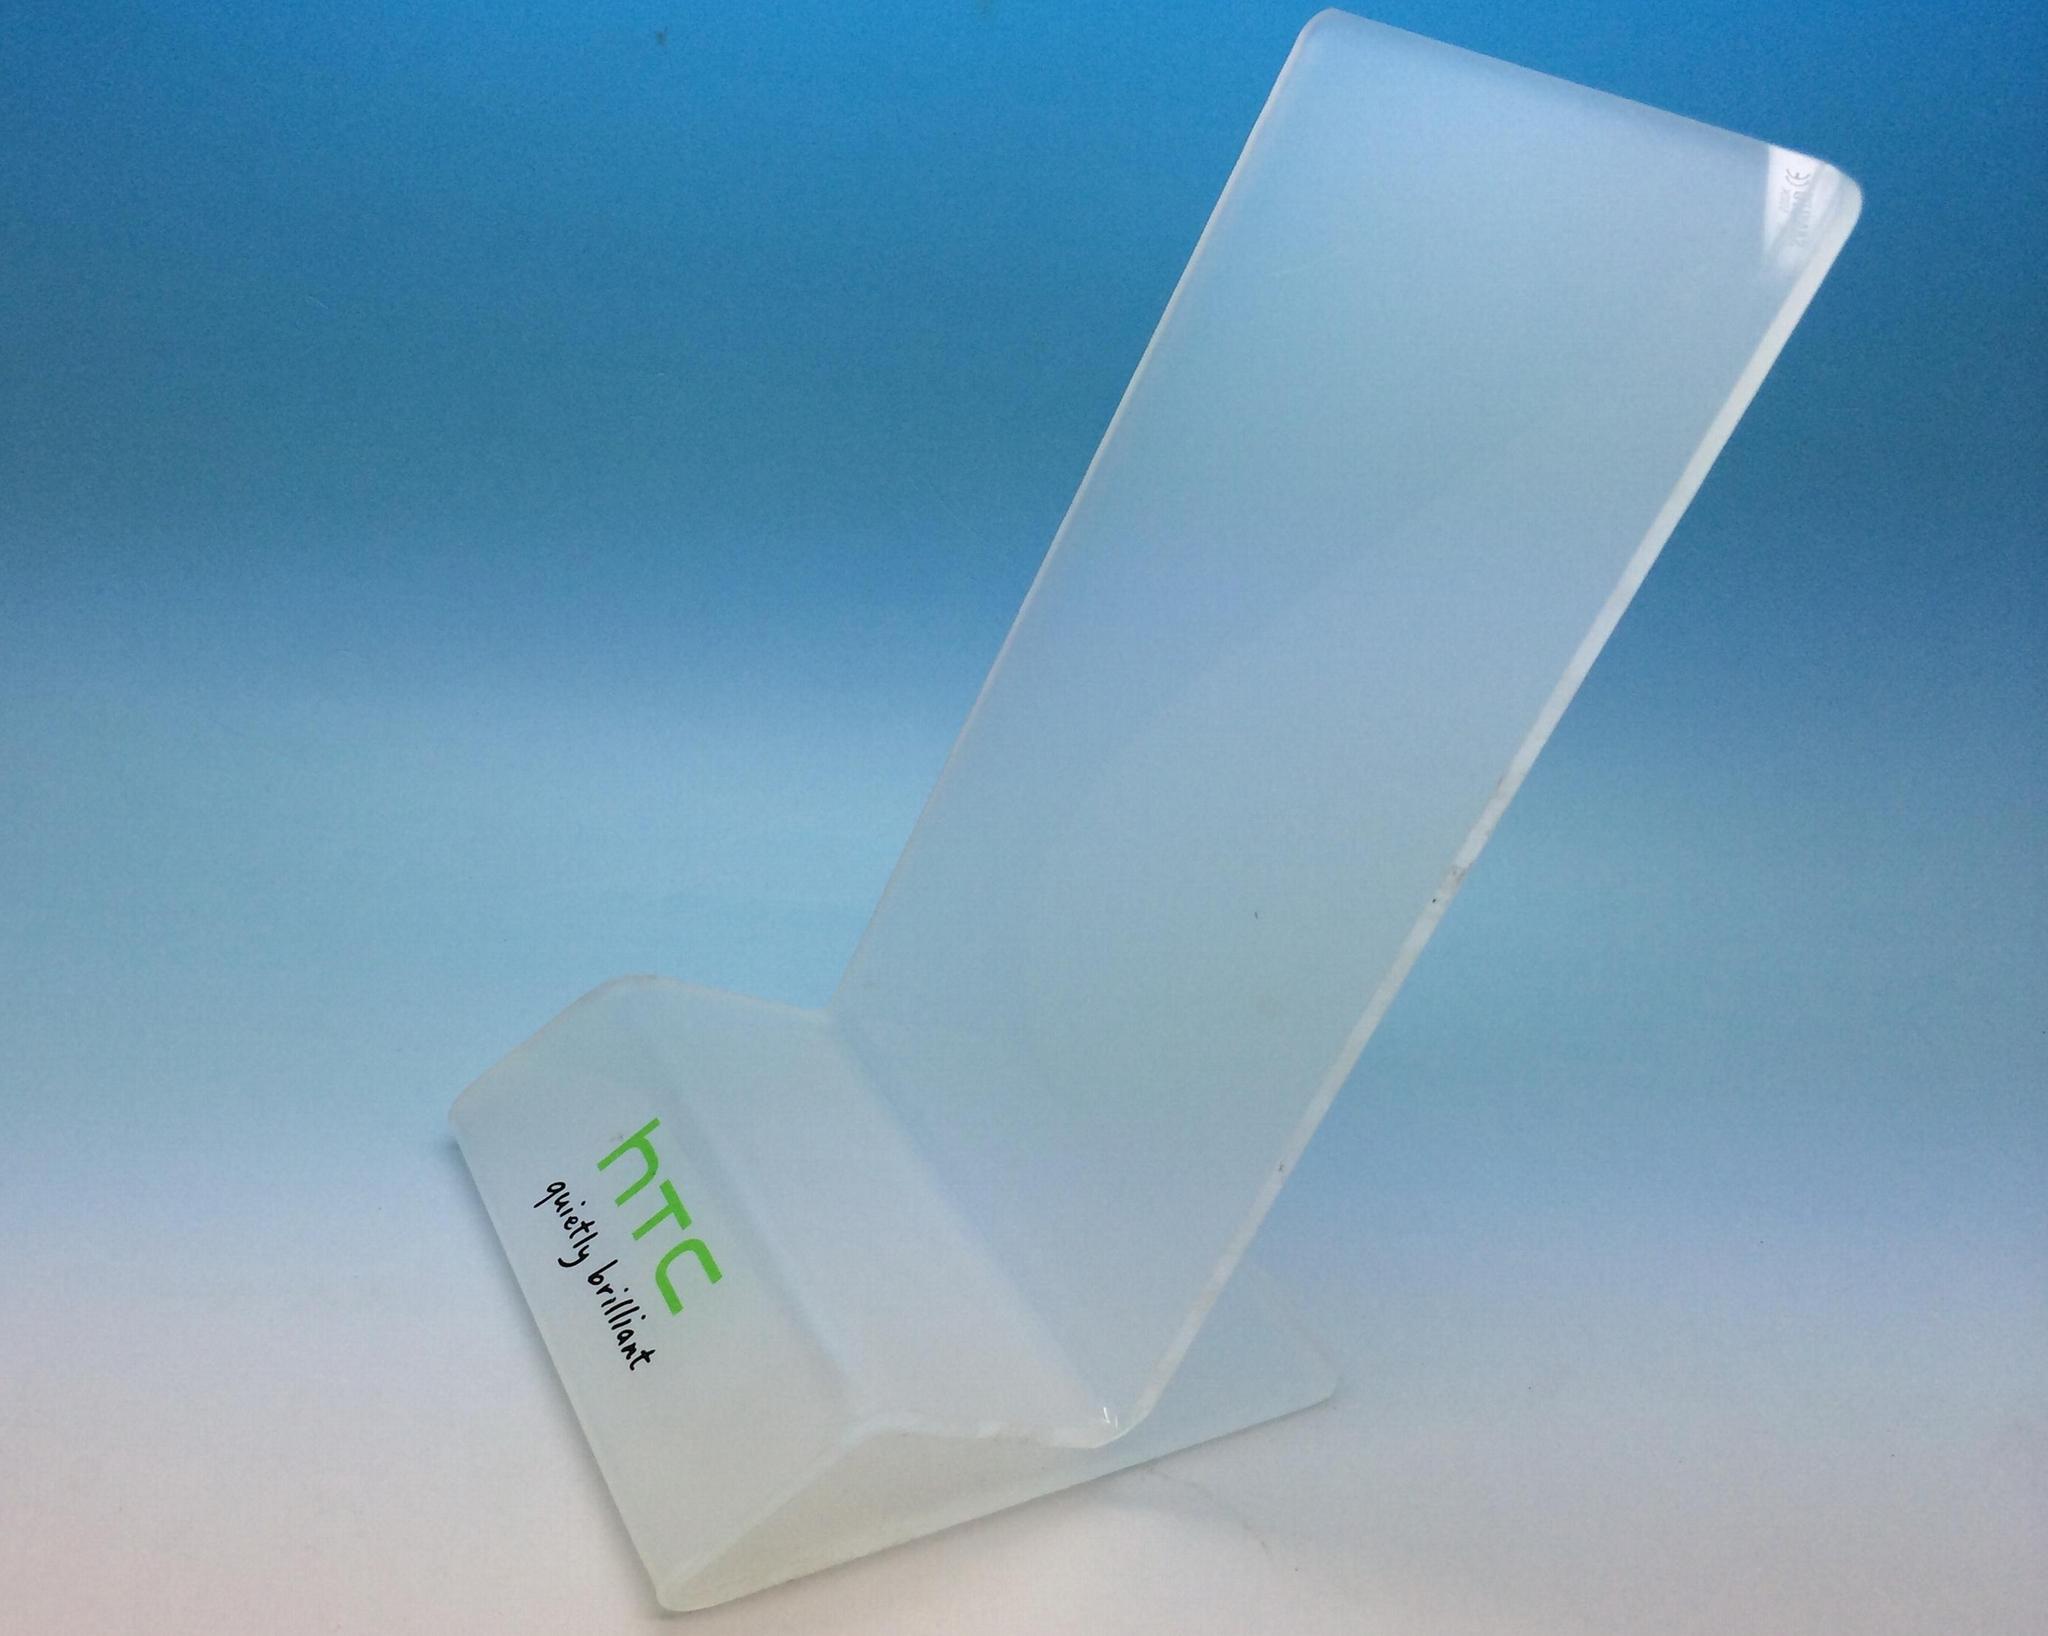 亚克力手机展示架 手机支架,亚克力透明手机展示架 9